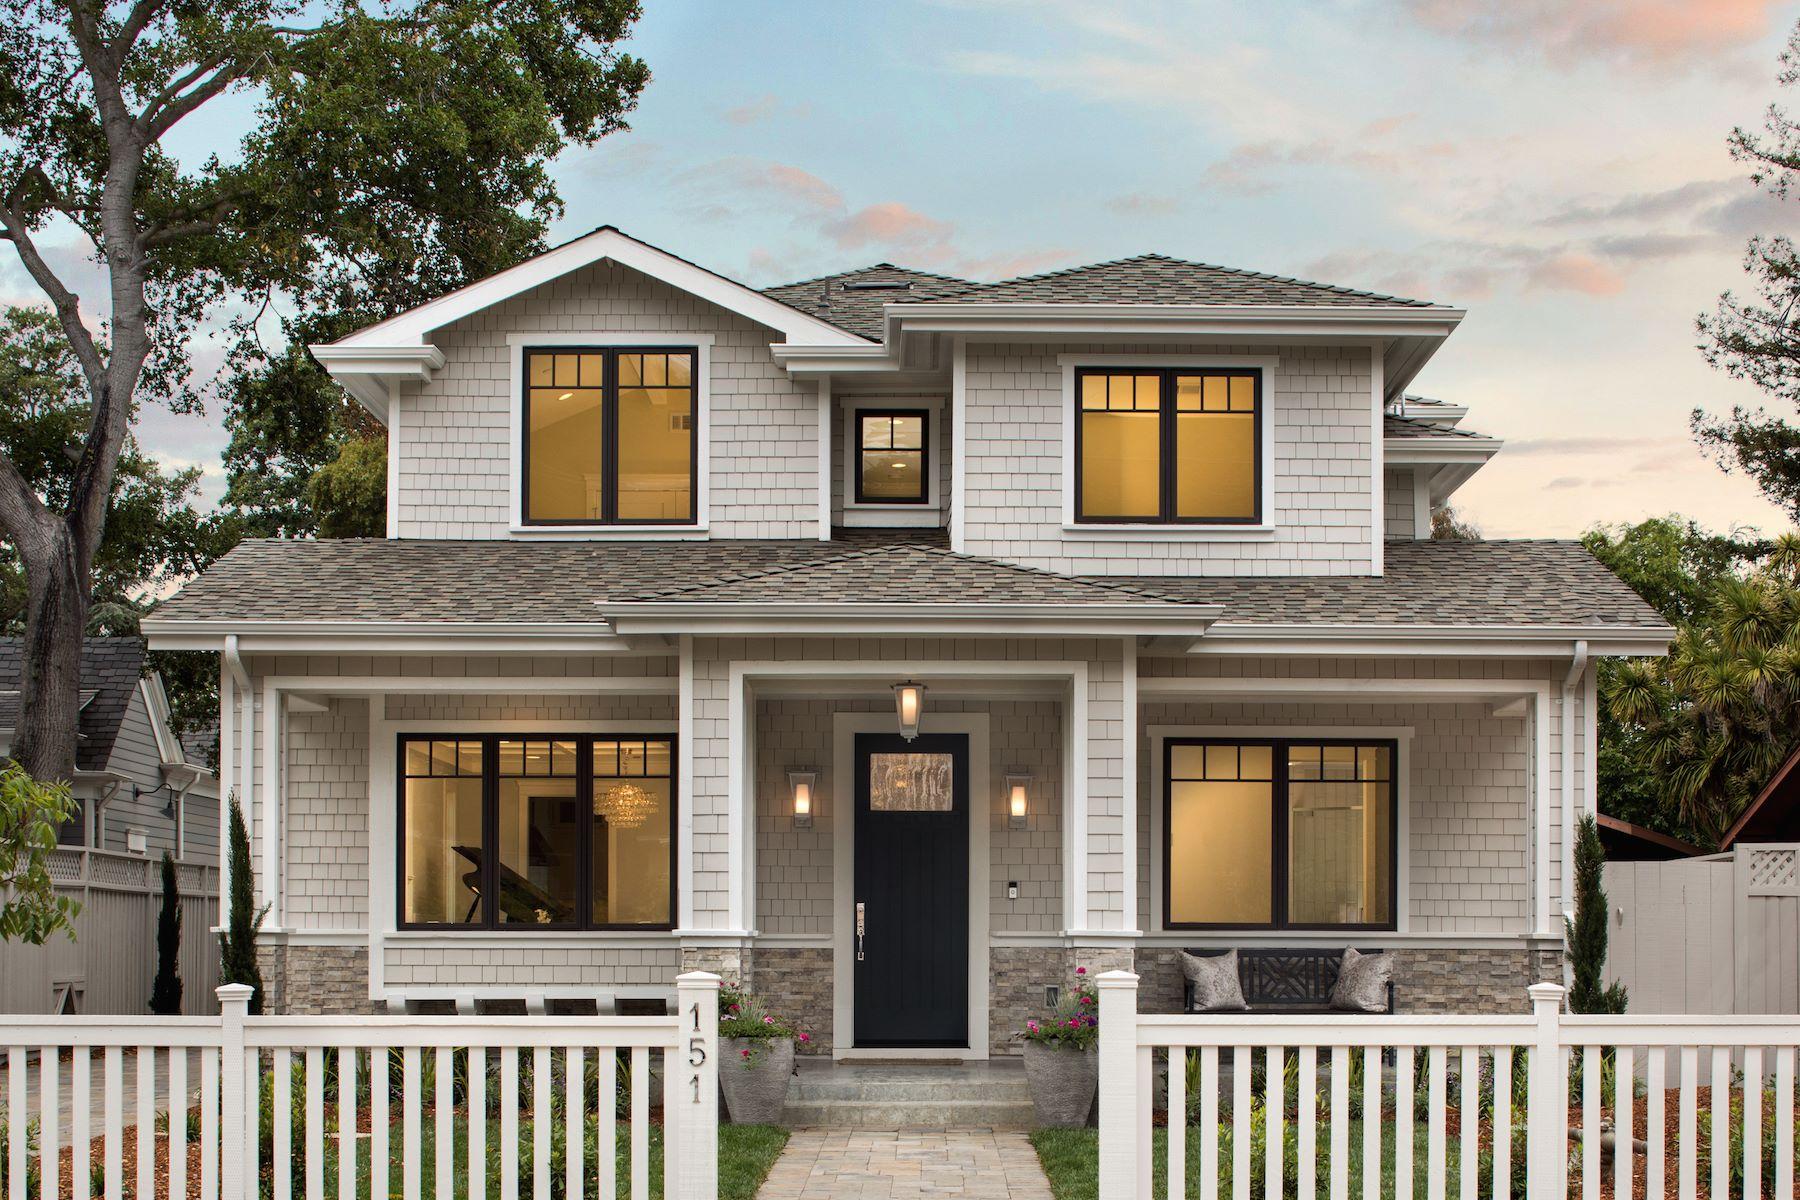 Einfamilienhaus für Verkauf beim 151 Kellogg Ave 151 Kellogg Ave. Palo Alto, Kalifornien 94301 Vereinigte Staaten